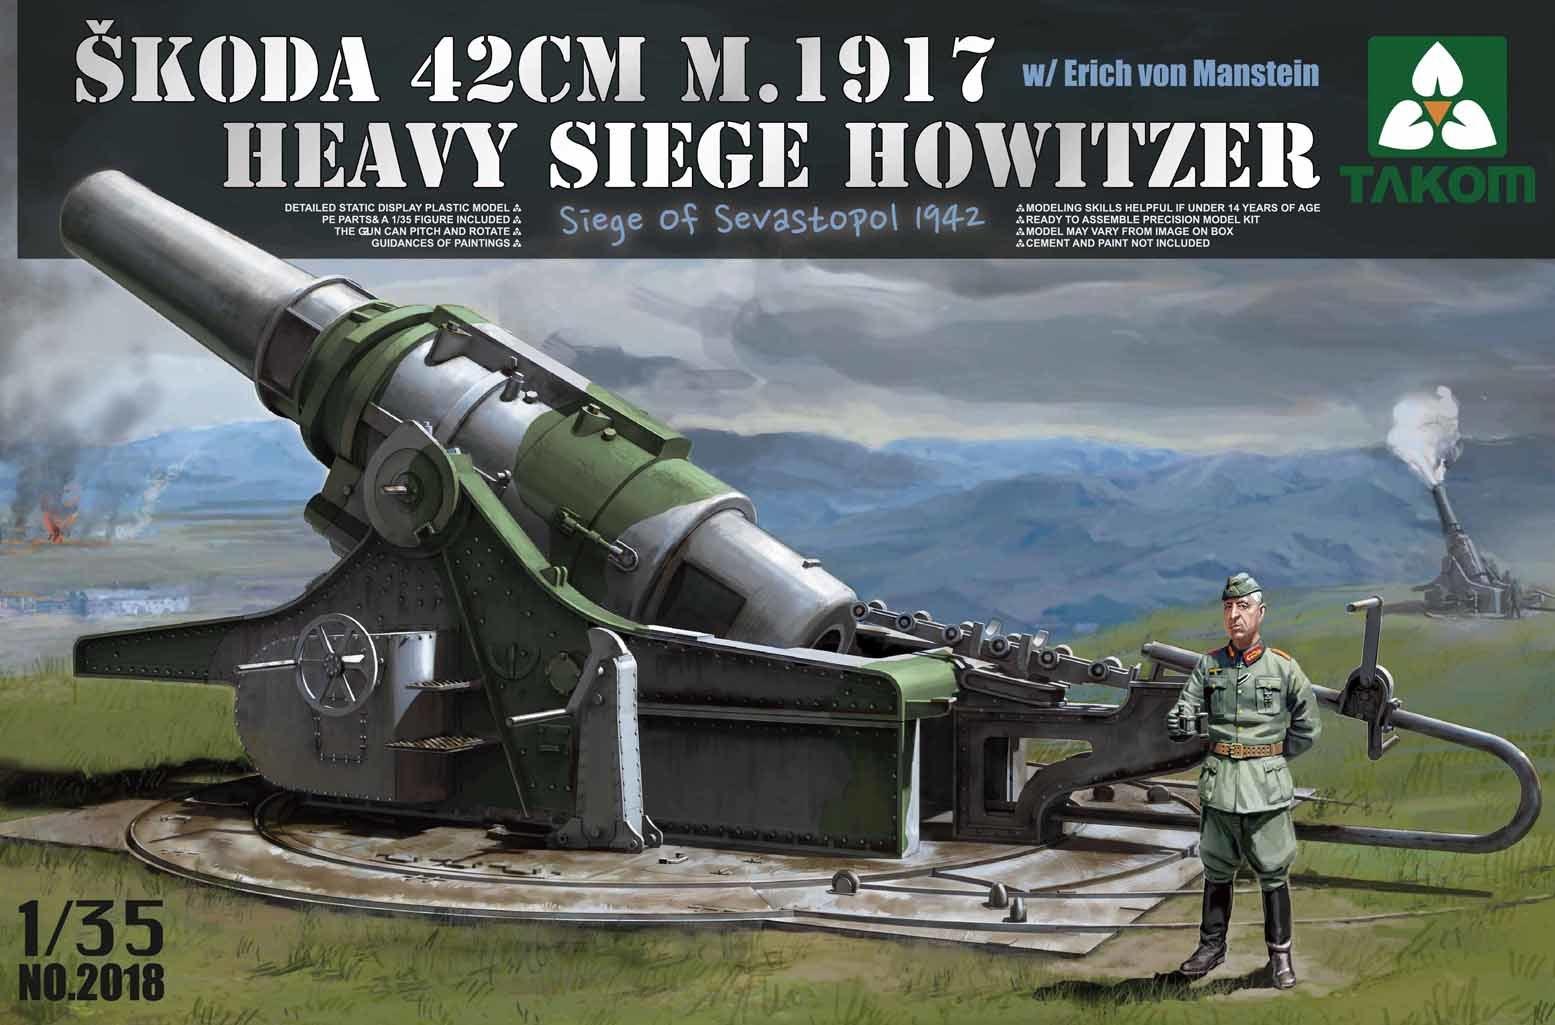 Takom 1/35 Skoda 42cm M.1917 Heavy Siege Howitzer w/Erich von Manstein image